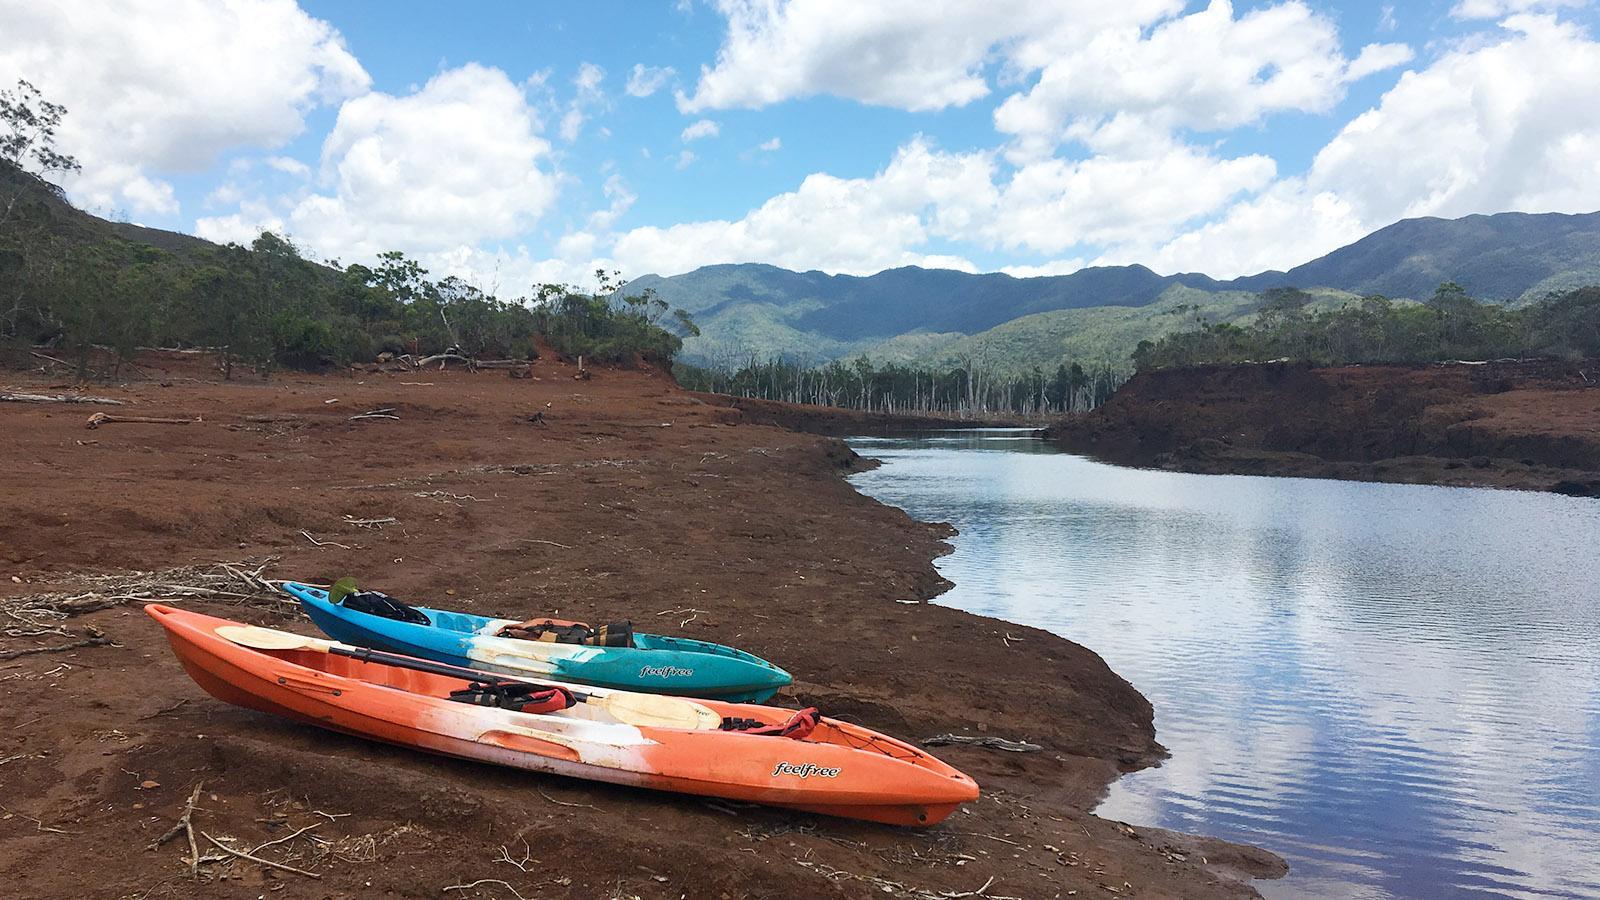 Rivière Bleue: Entdeckt den Blauen Fluss im Kanu! Foto: Hilke Maunder